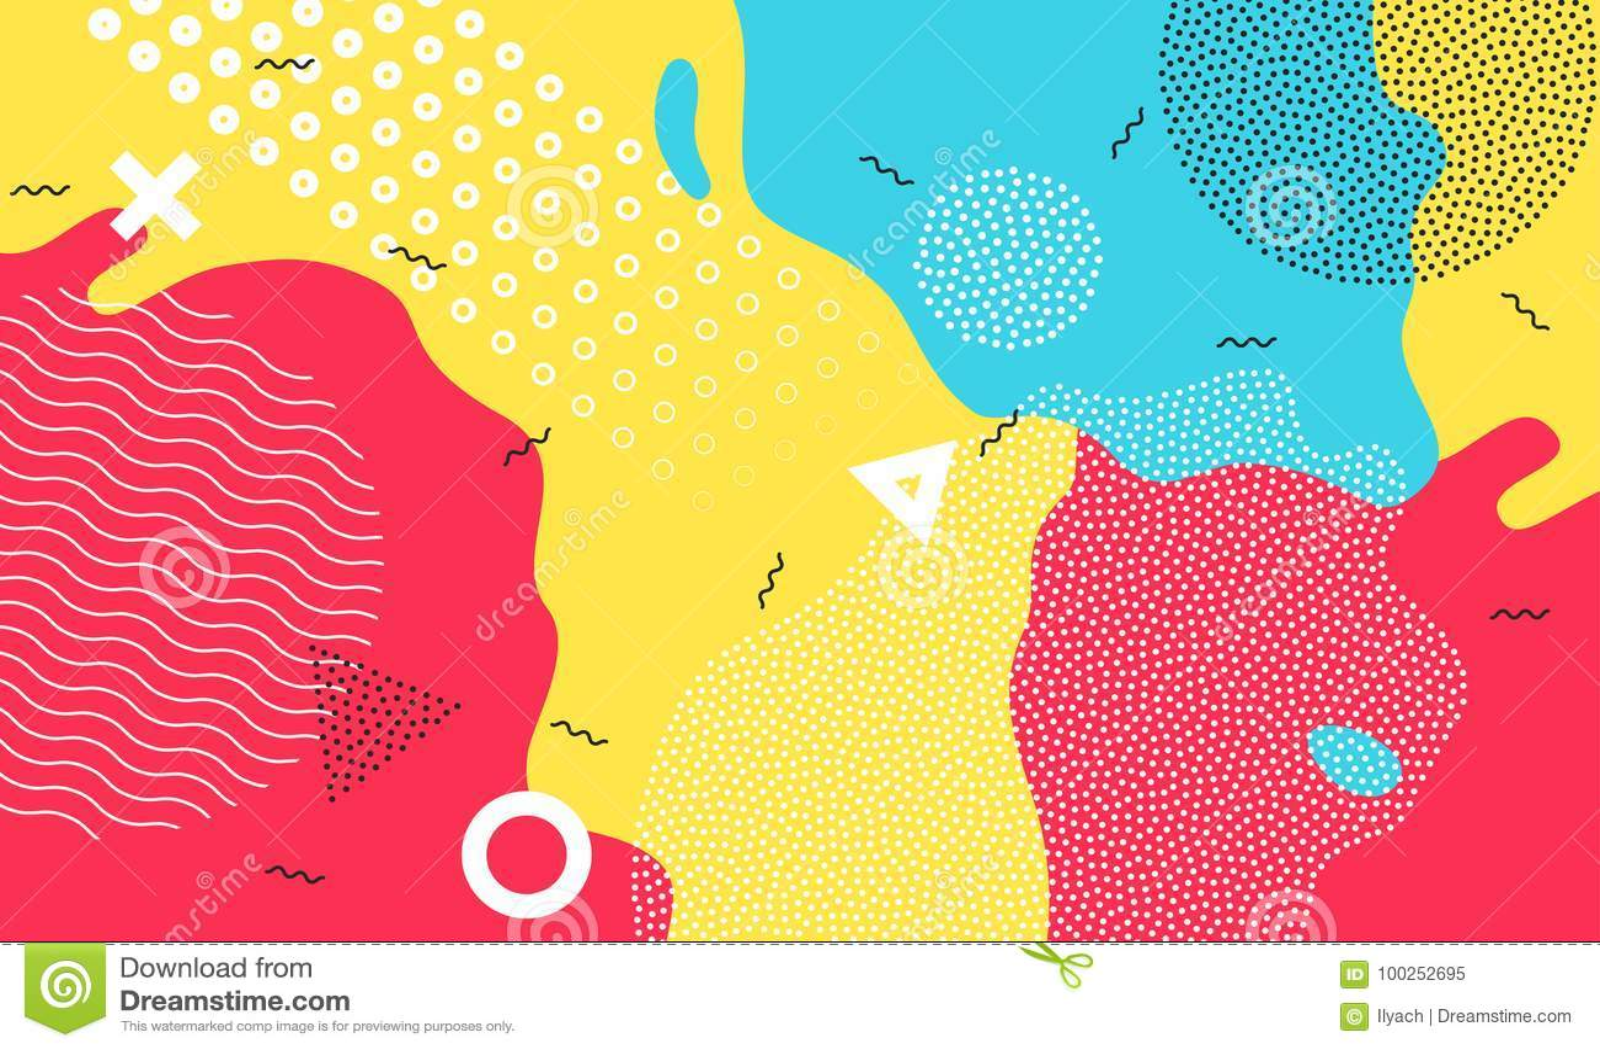 Diseño geométrico del niño de la historieta del color del chapoteo del fondo del patio del extracto infantil colorido del vector